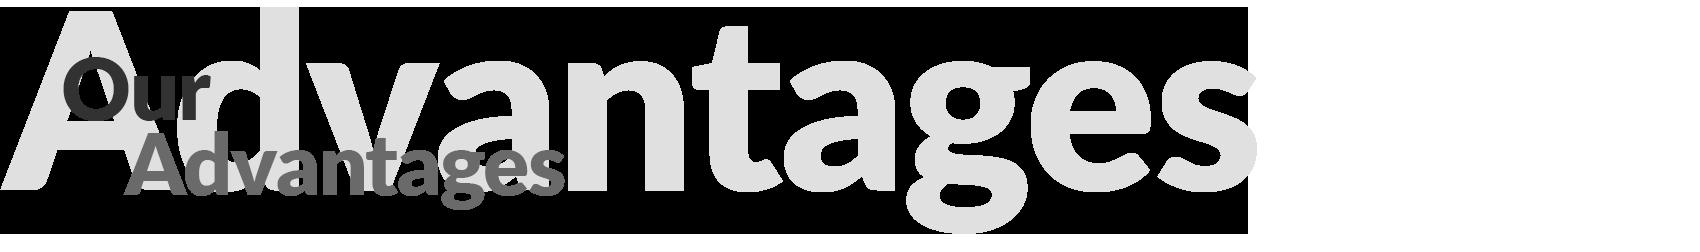 advantages-image-title